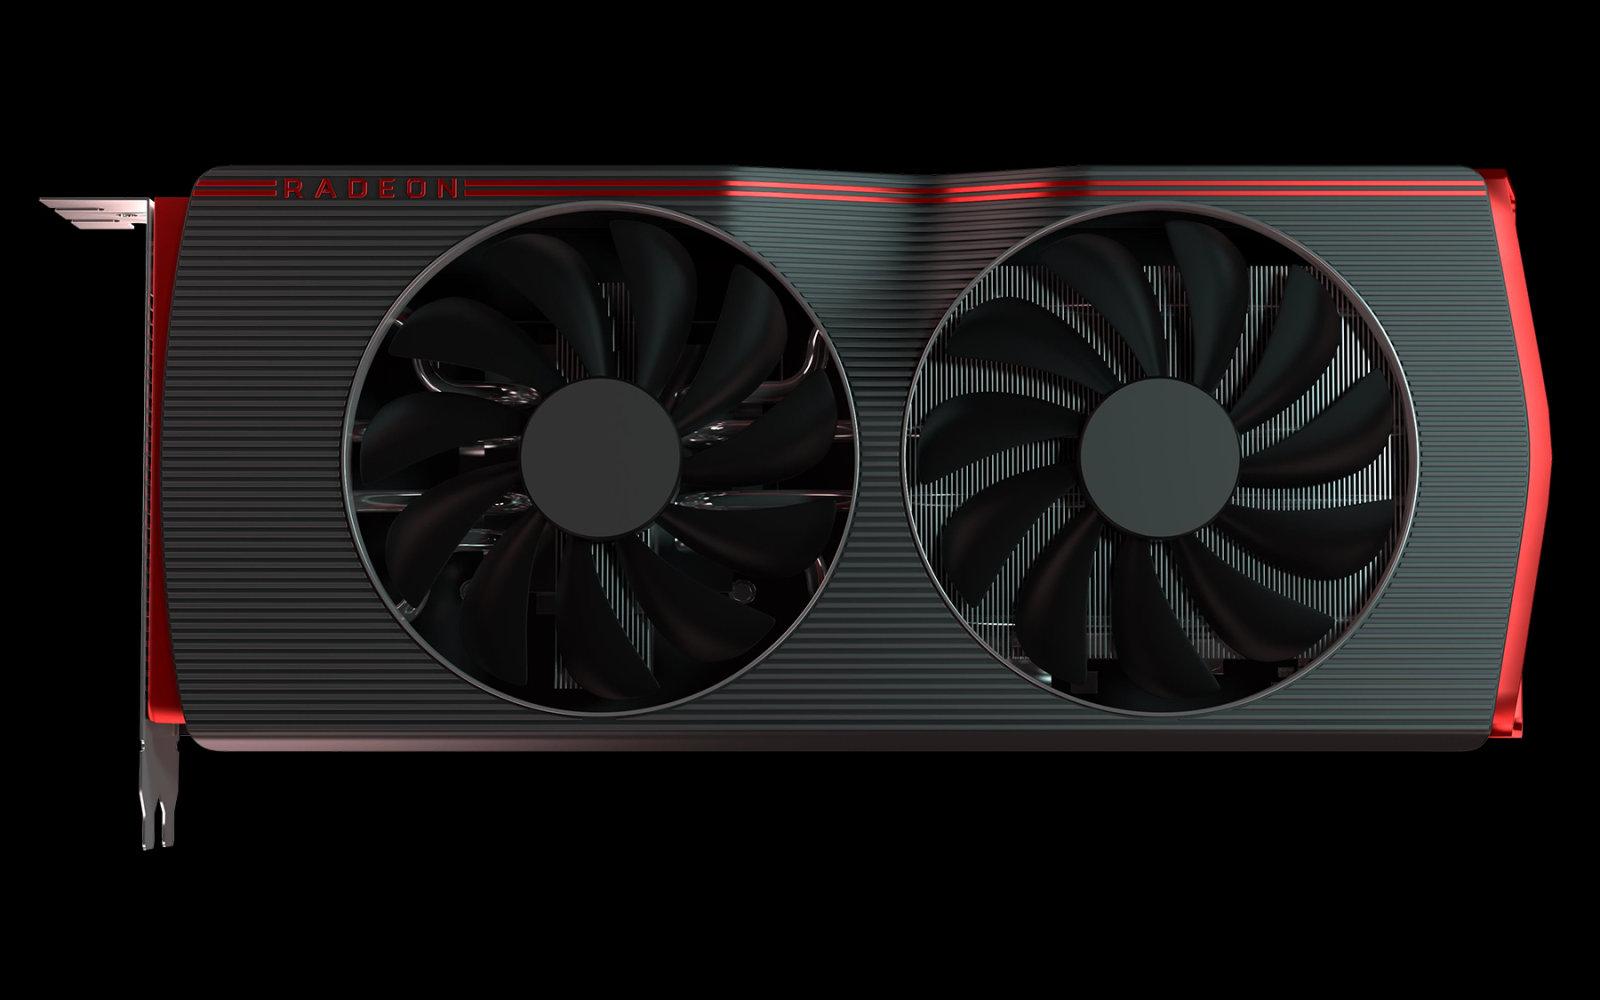 dims 1 - 【PS5】AMD、Radeon RX5600XTを発表!7.19TFで279ドルの超性能!